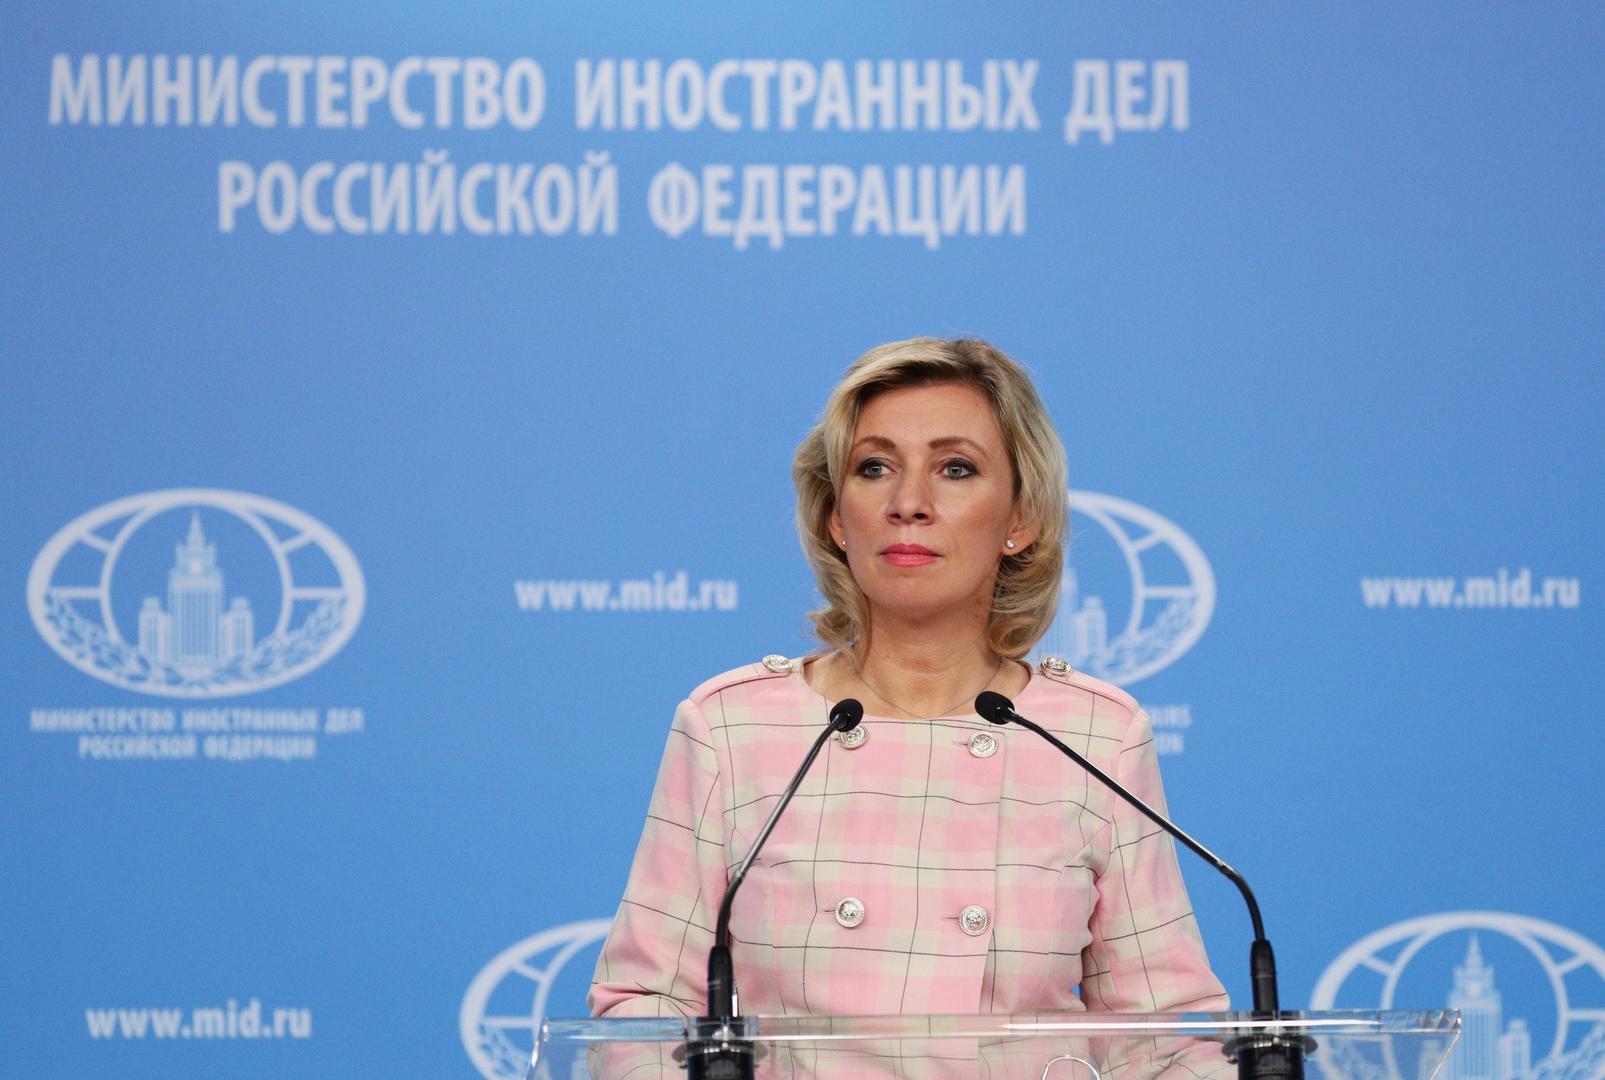 الخارجية الروسية: هناك طابور من دول مستعدة للتعاون مع روسيا حول